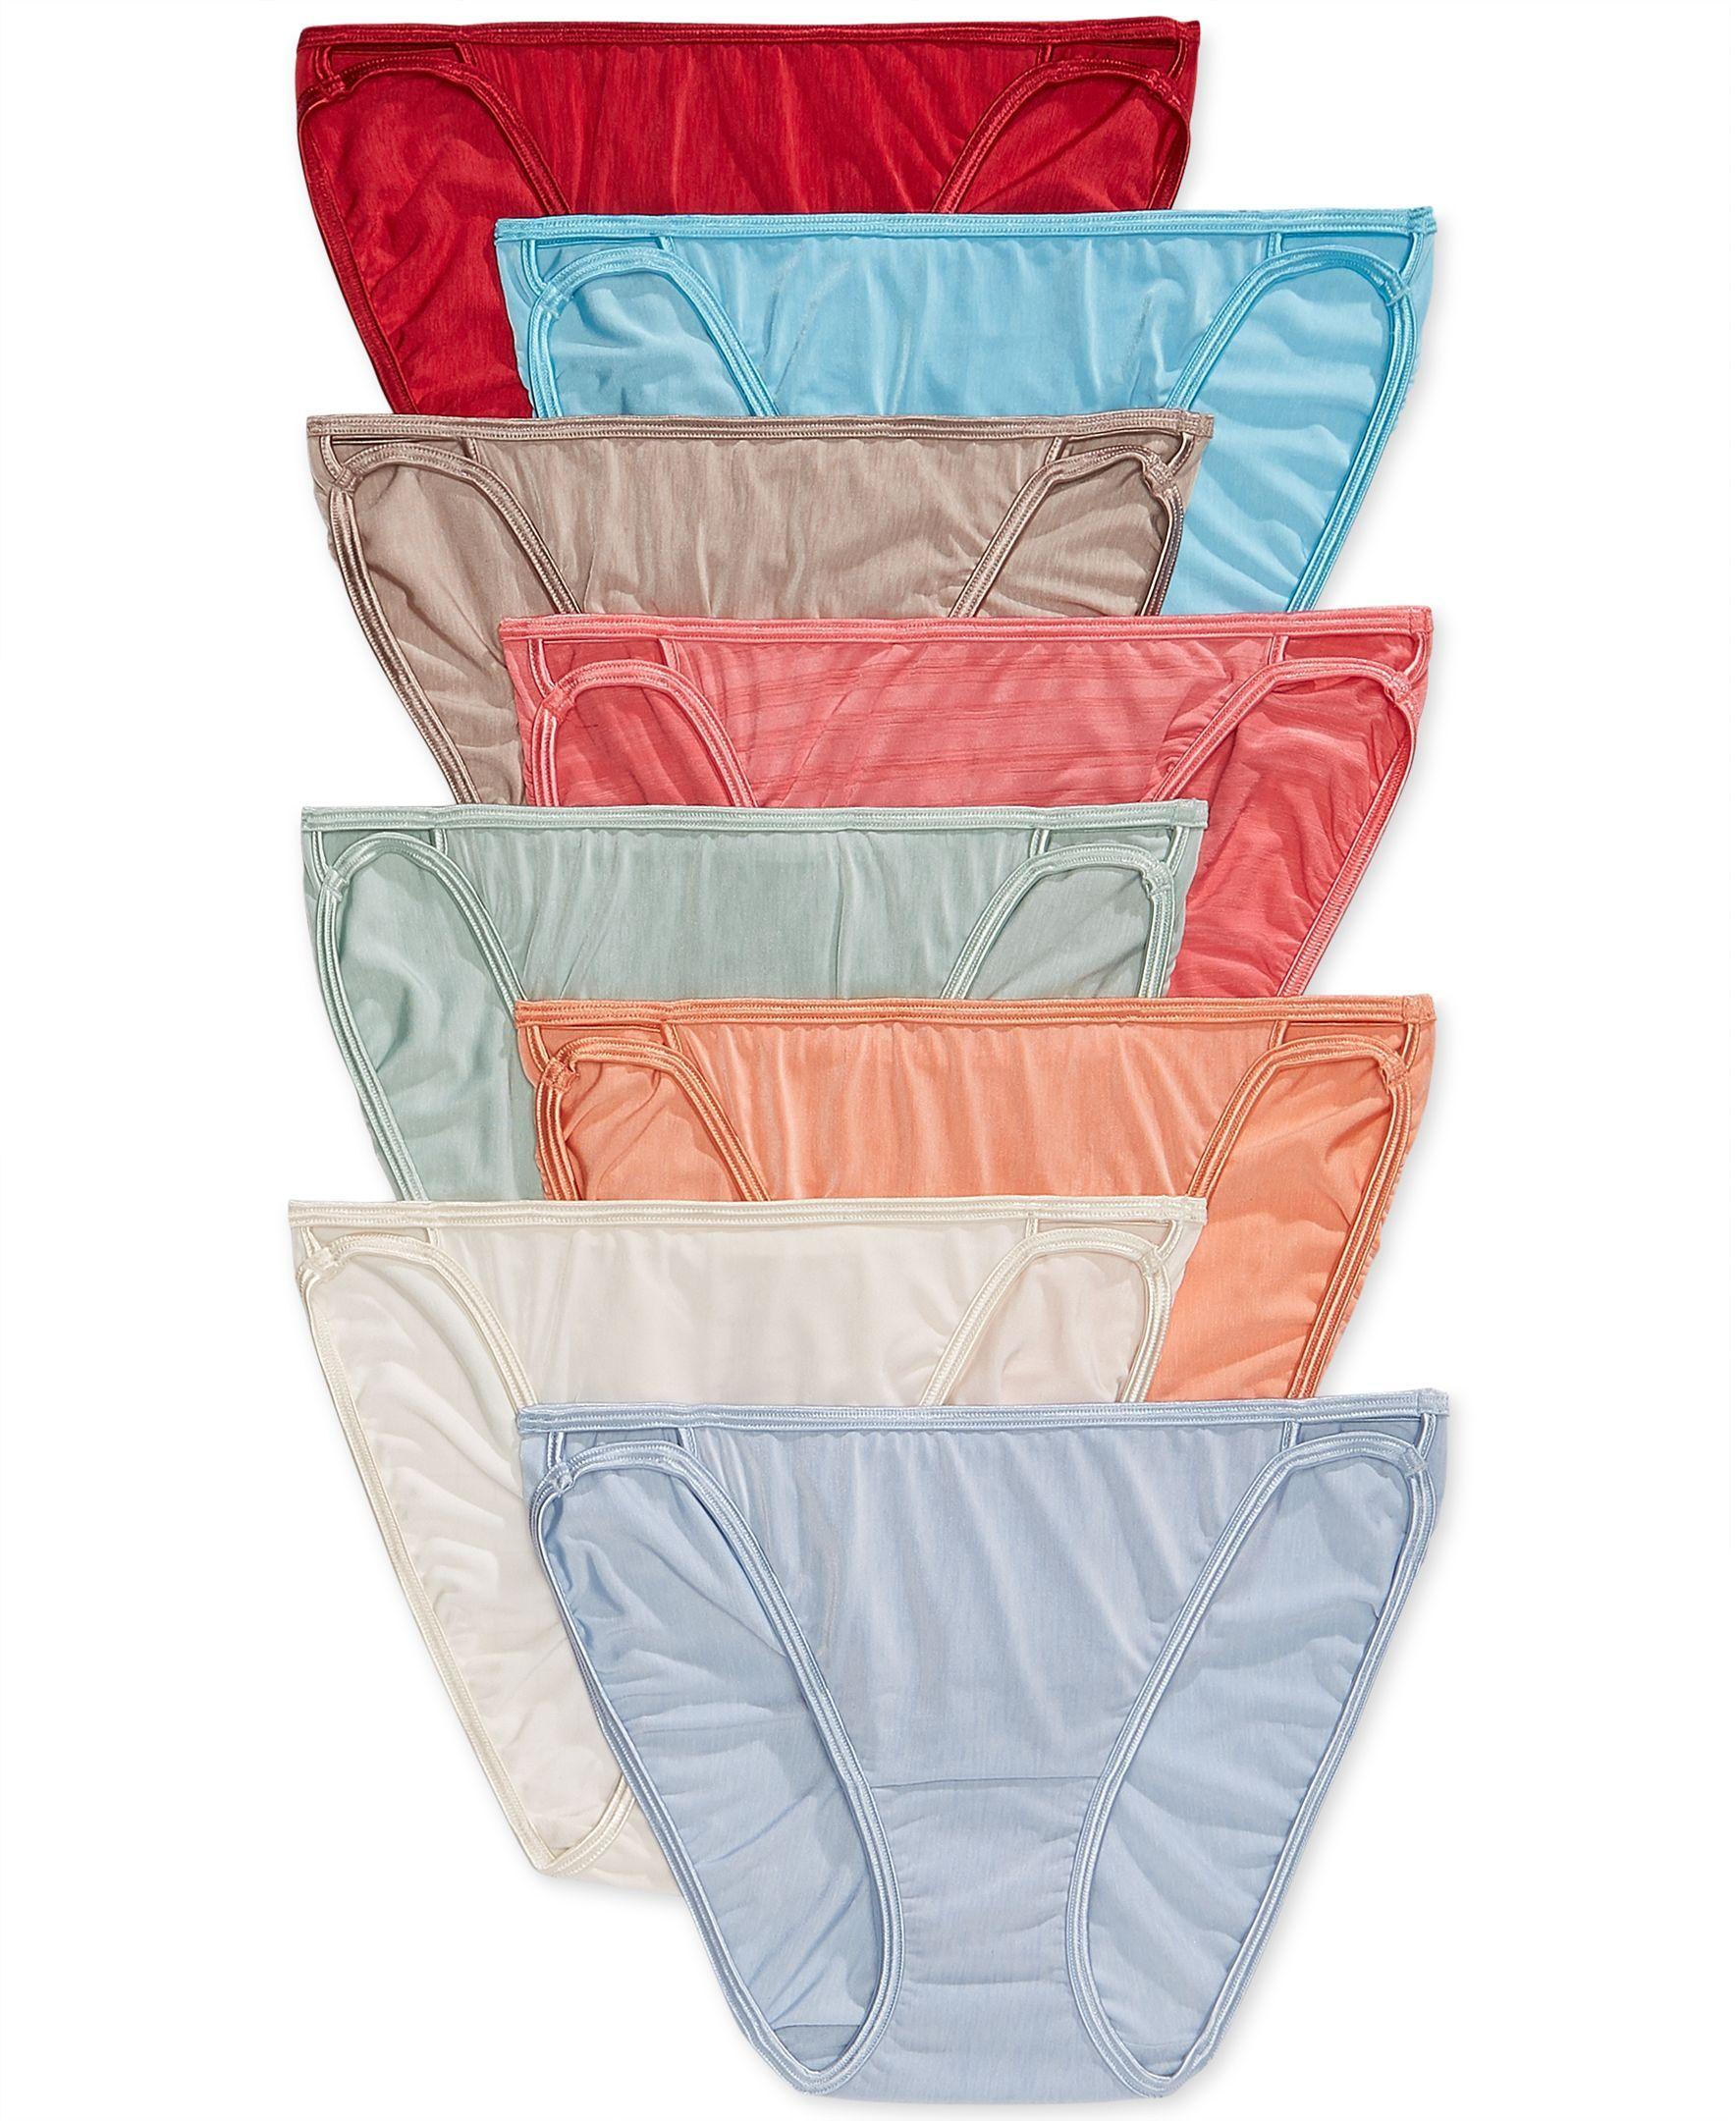 6e2efc145e Vanity Fair Illumination String Bikini 18108